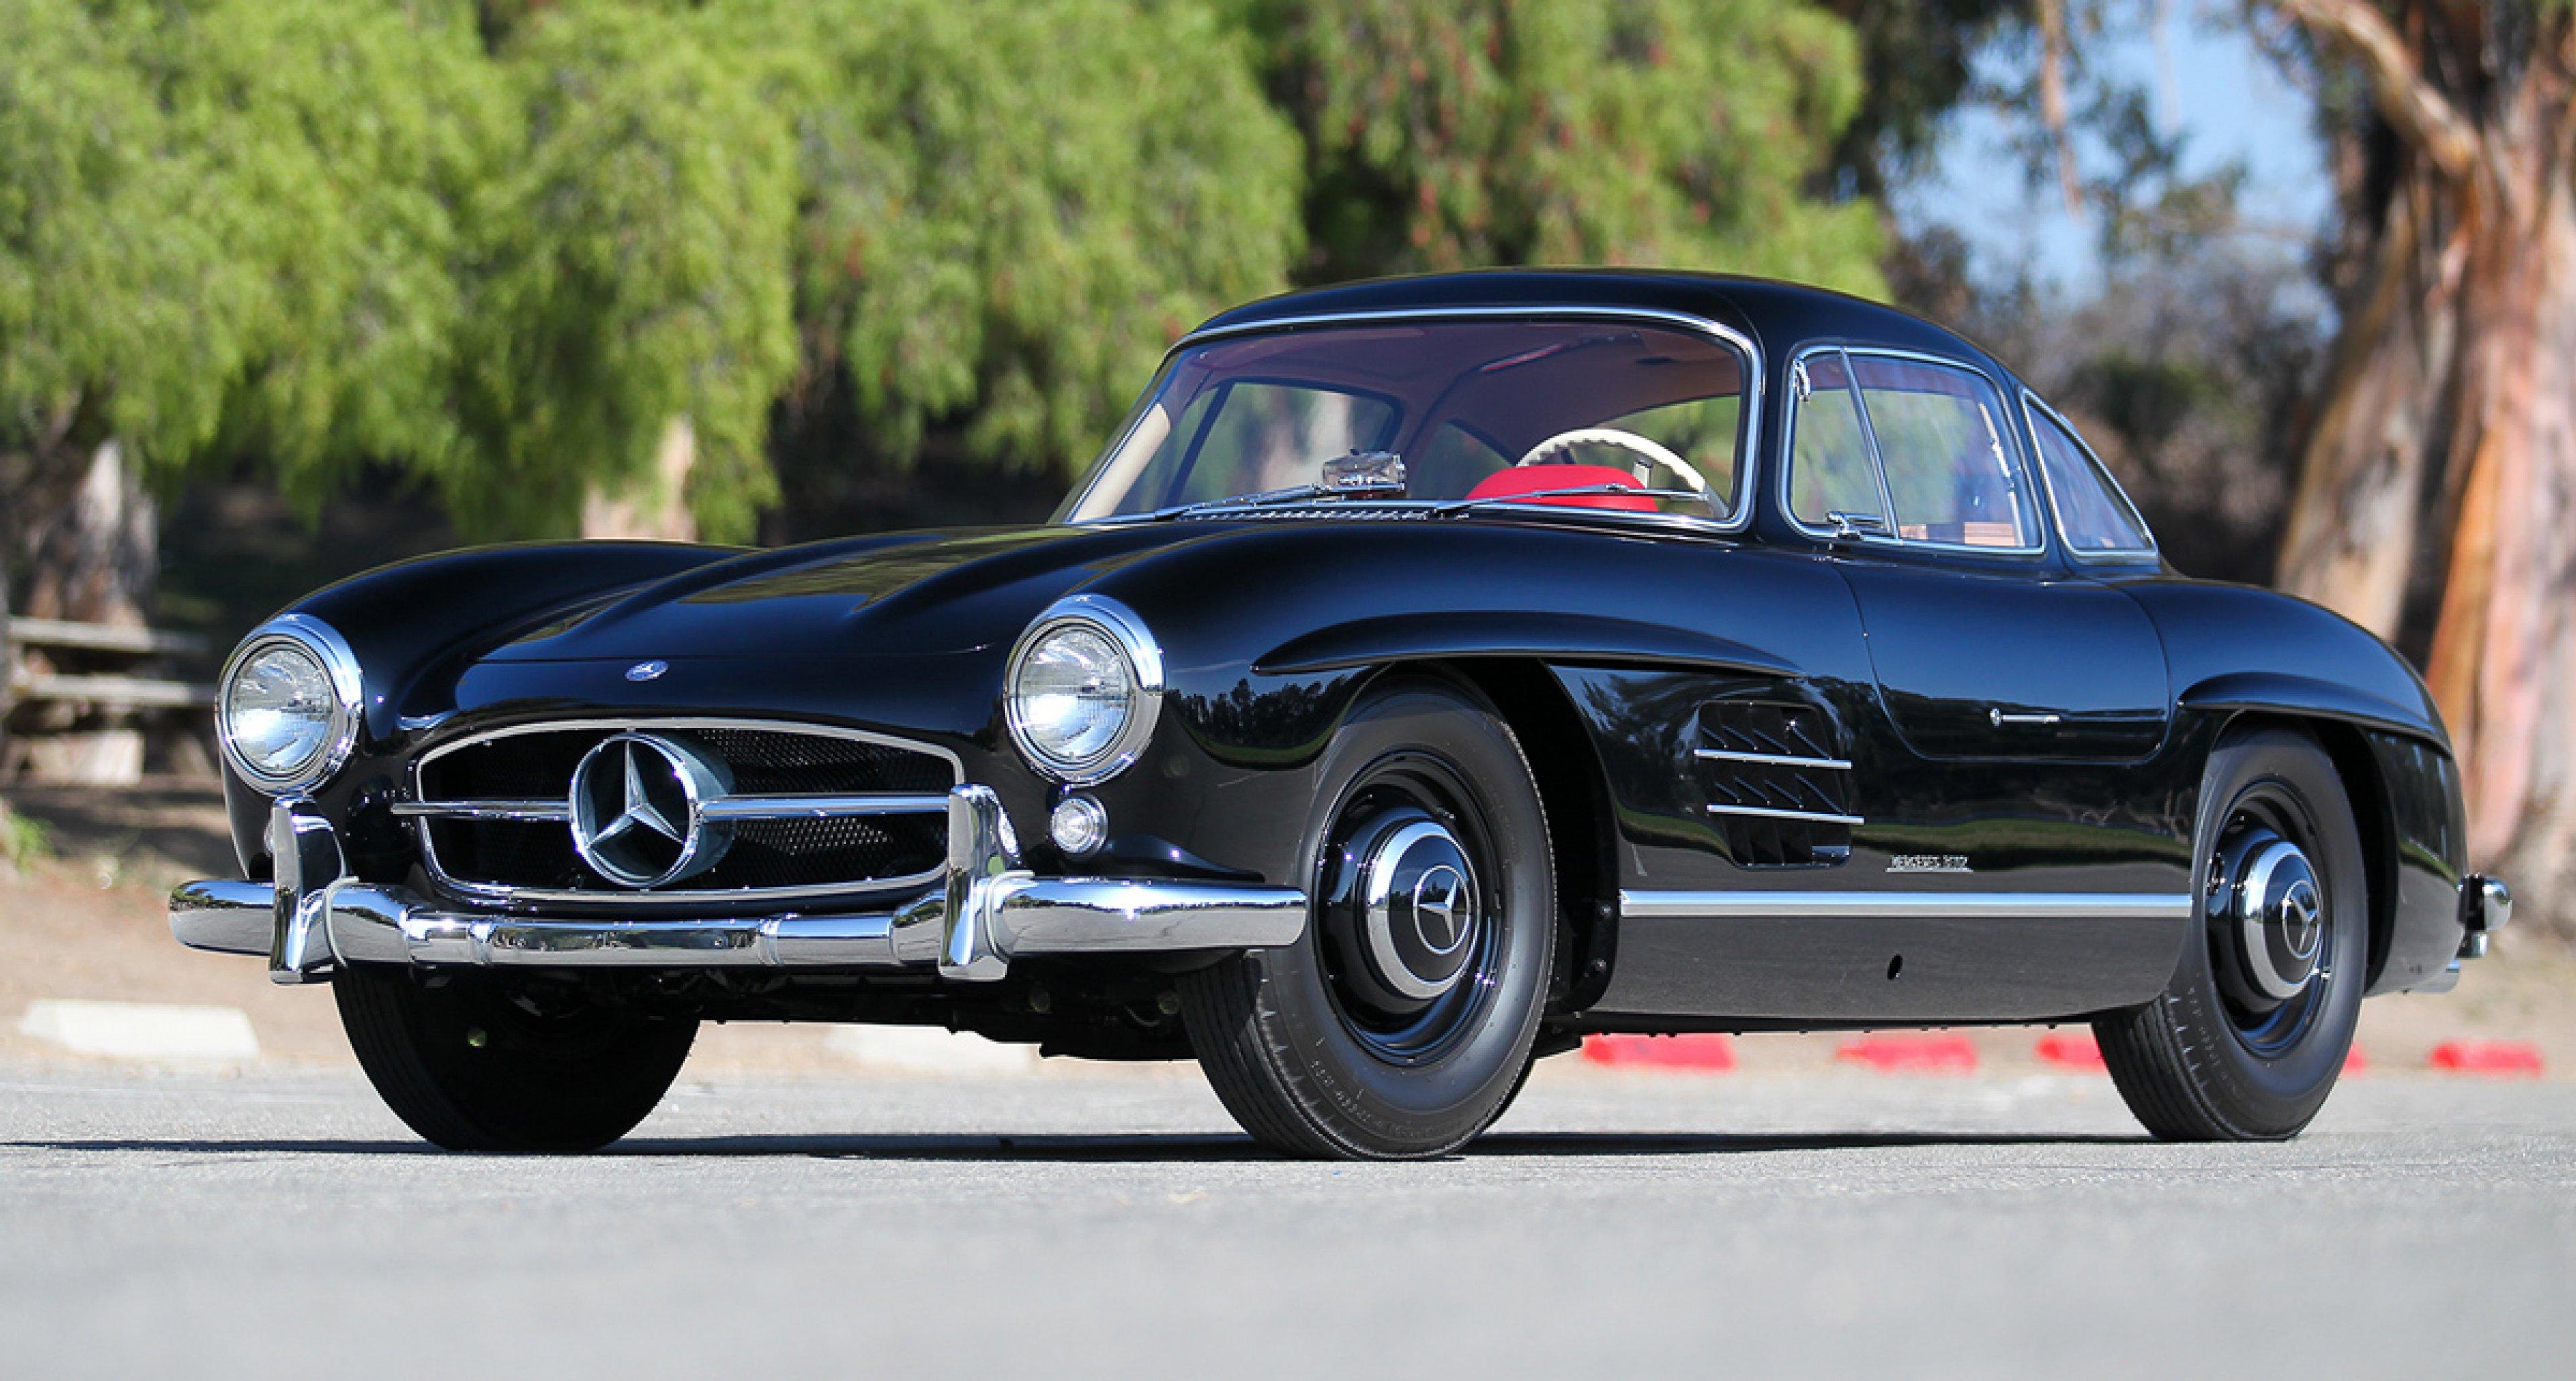 1956 Mercedes-Benz 300 SL Gullwing / $1,350,000 - $1,700,000 (Lot 122)